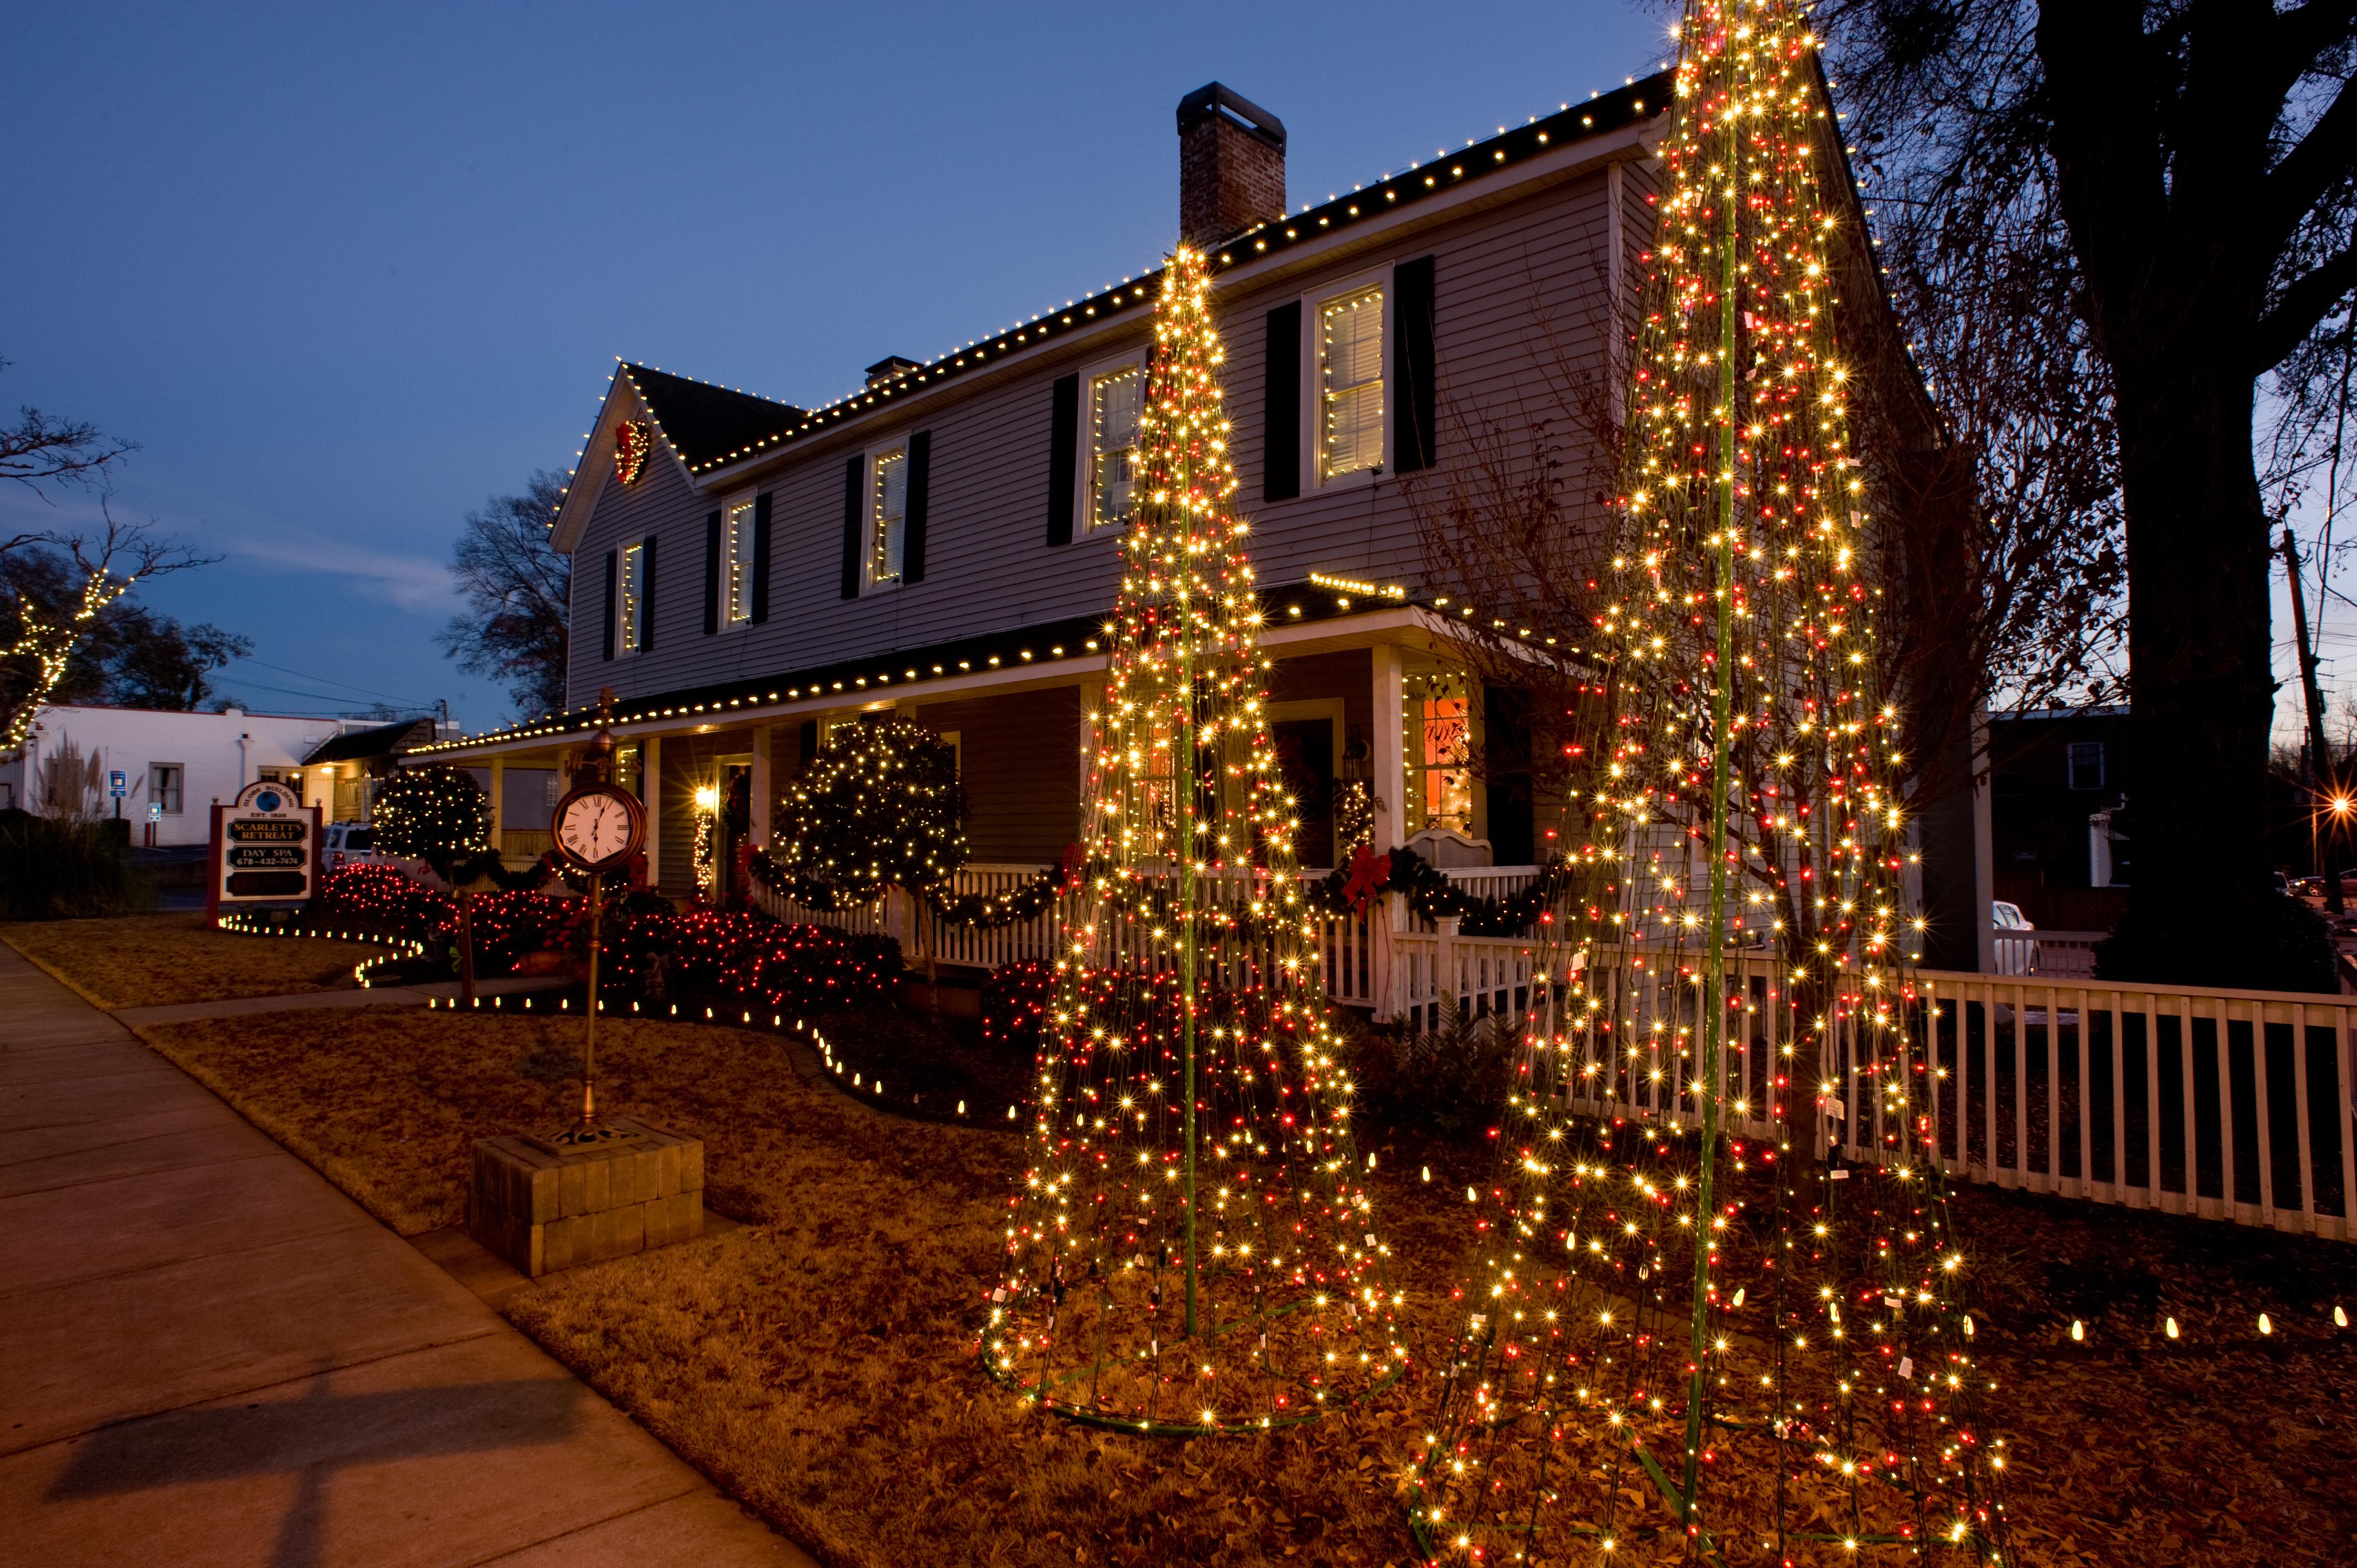 Christmas Decor by Paulk Outdoors Inc.